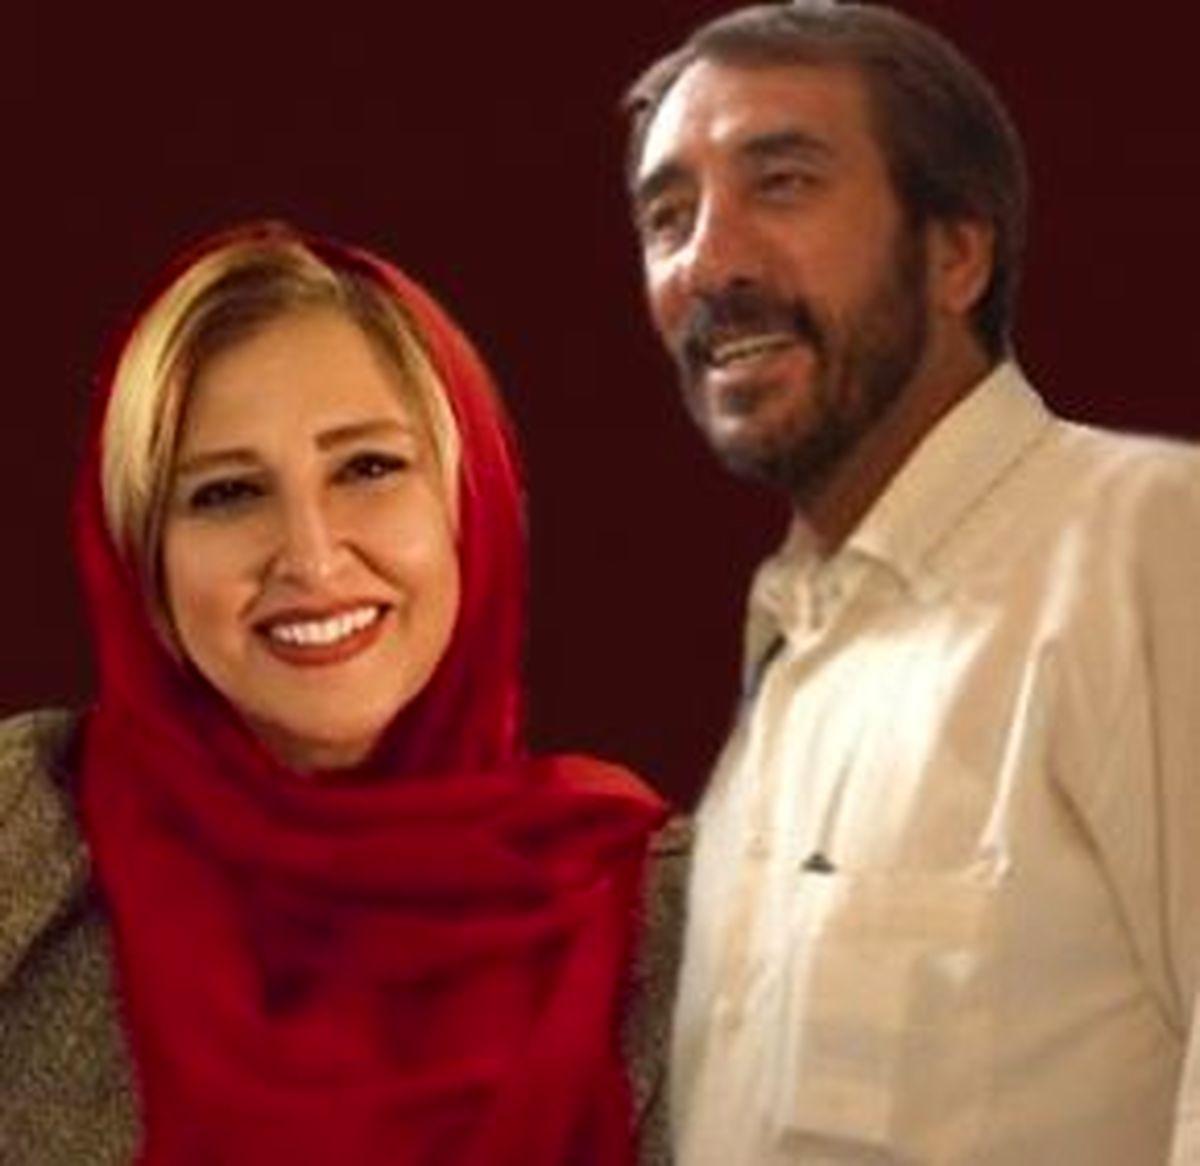 قتل همسایه به دست همسر سابق مرجانه گلچین غوغا به پاکرد + جزئیات